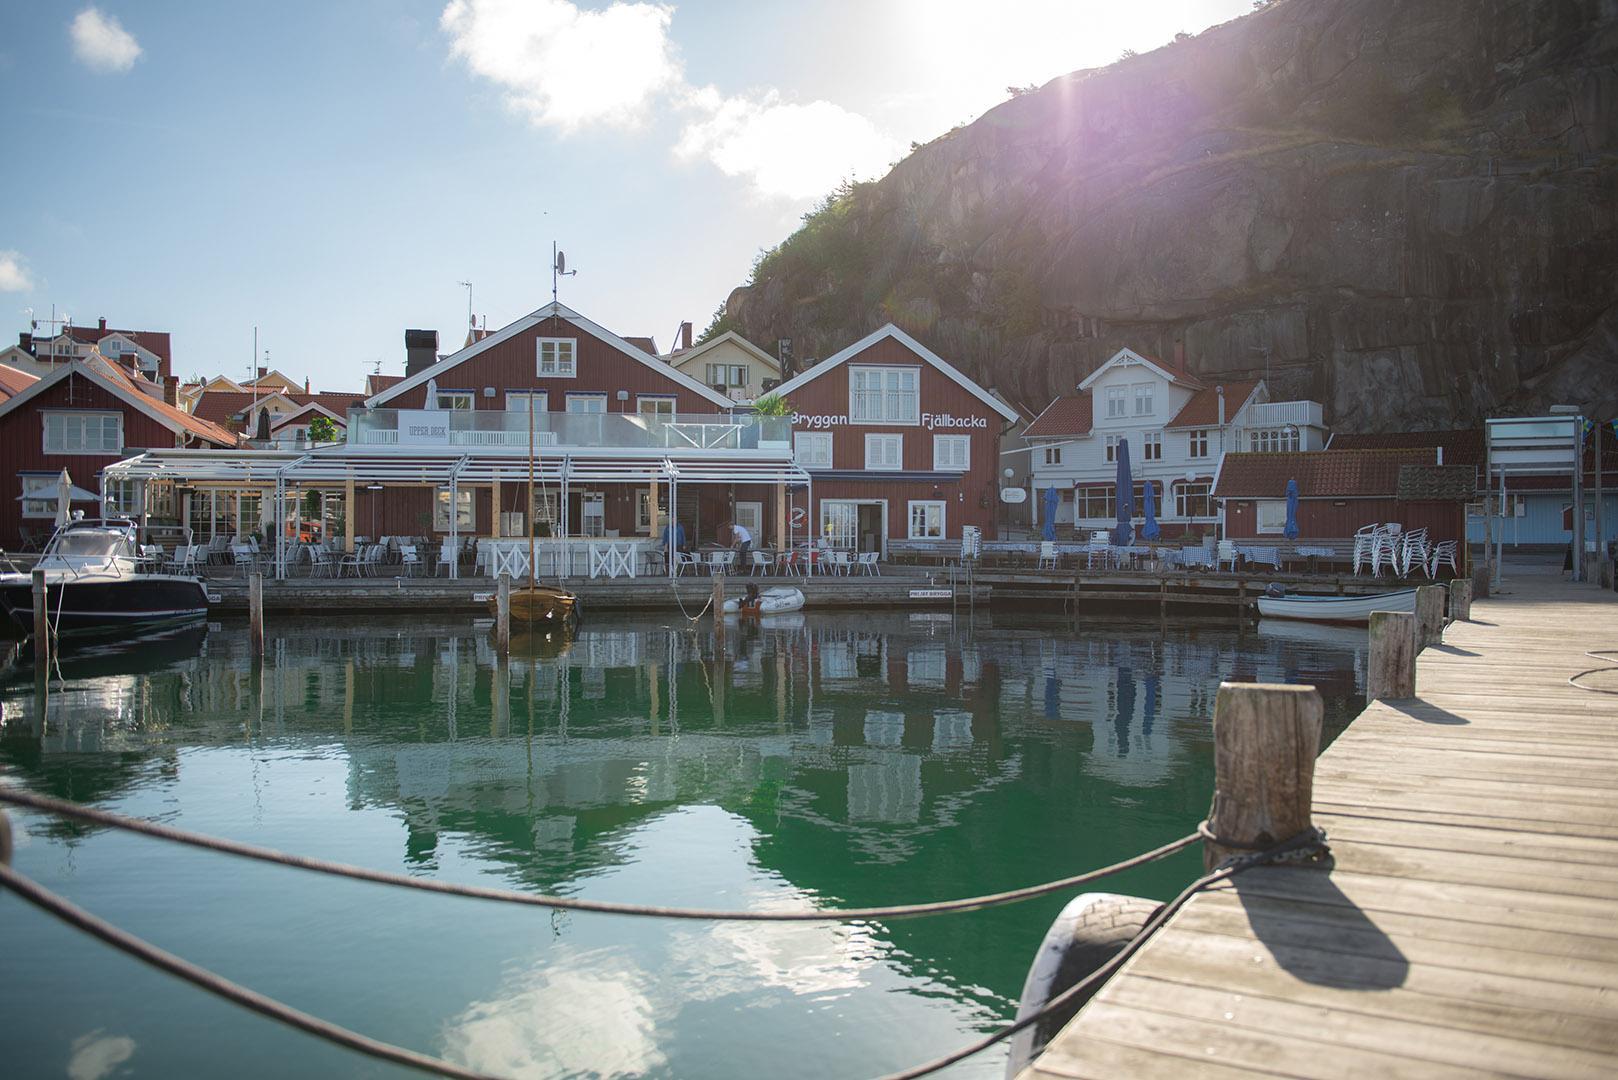 4_StoraHotelletBryggan_05_waterfront_Linda Otterstedt